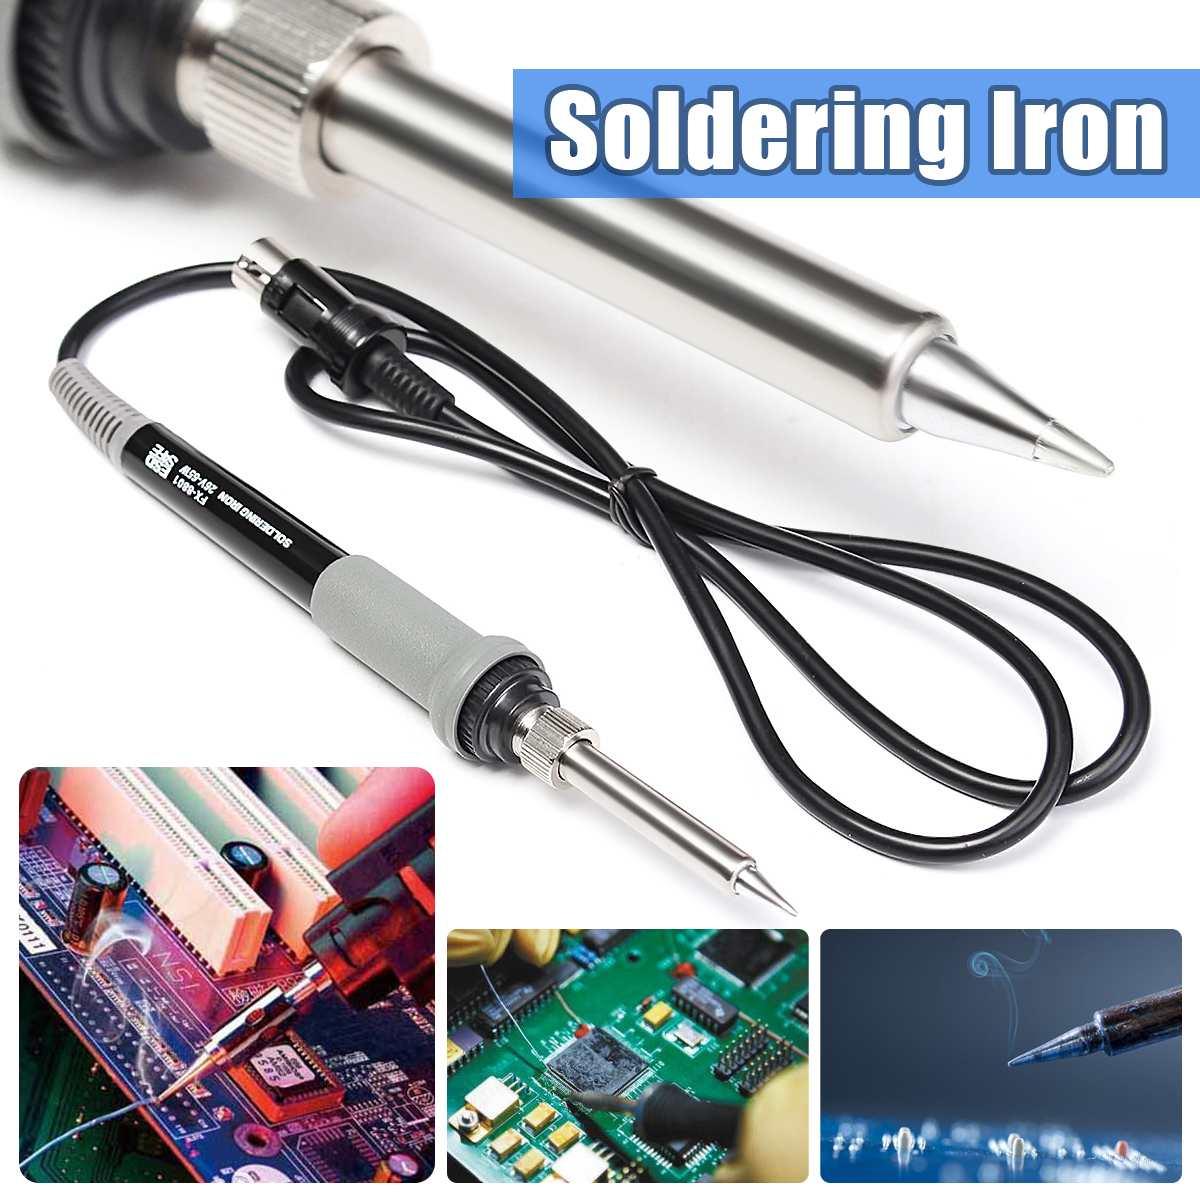 65W 6Pin hierro de soldadura soldador ELECTRICO PARA FX-888/FX-888D Estación de Reparación Mini manejar el calor lápiz Reparación de soldadura herramienta